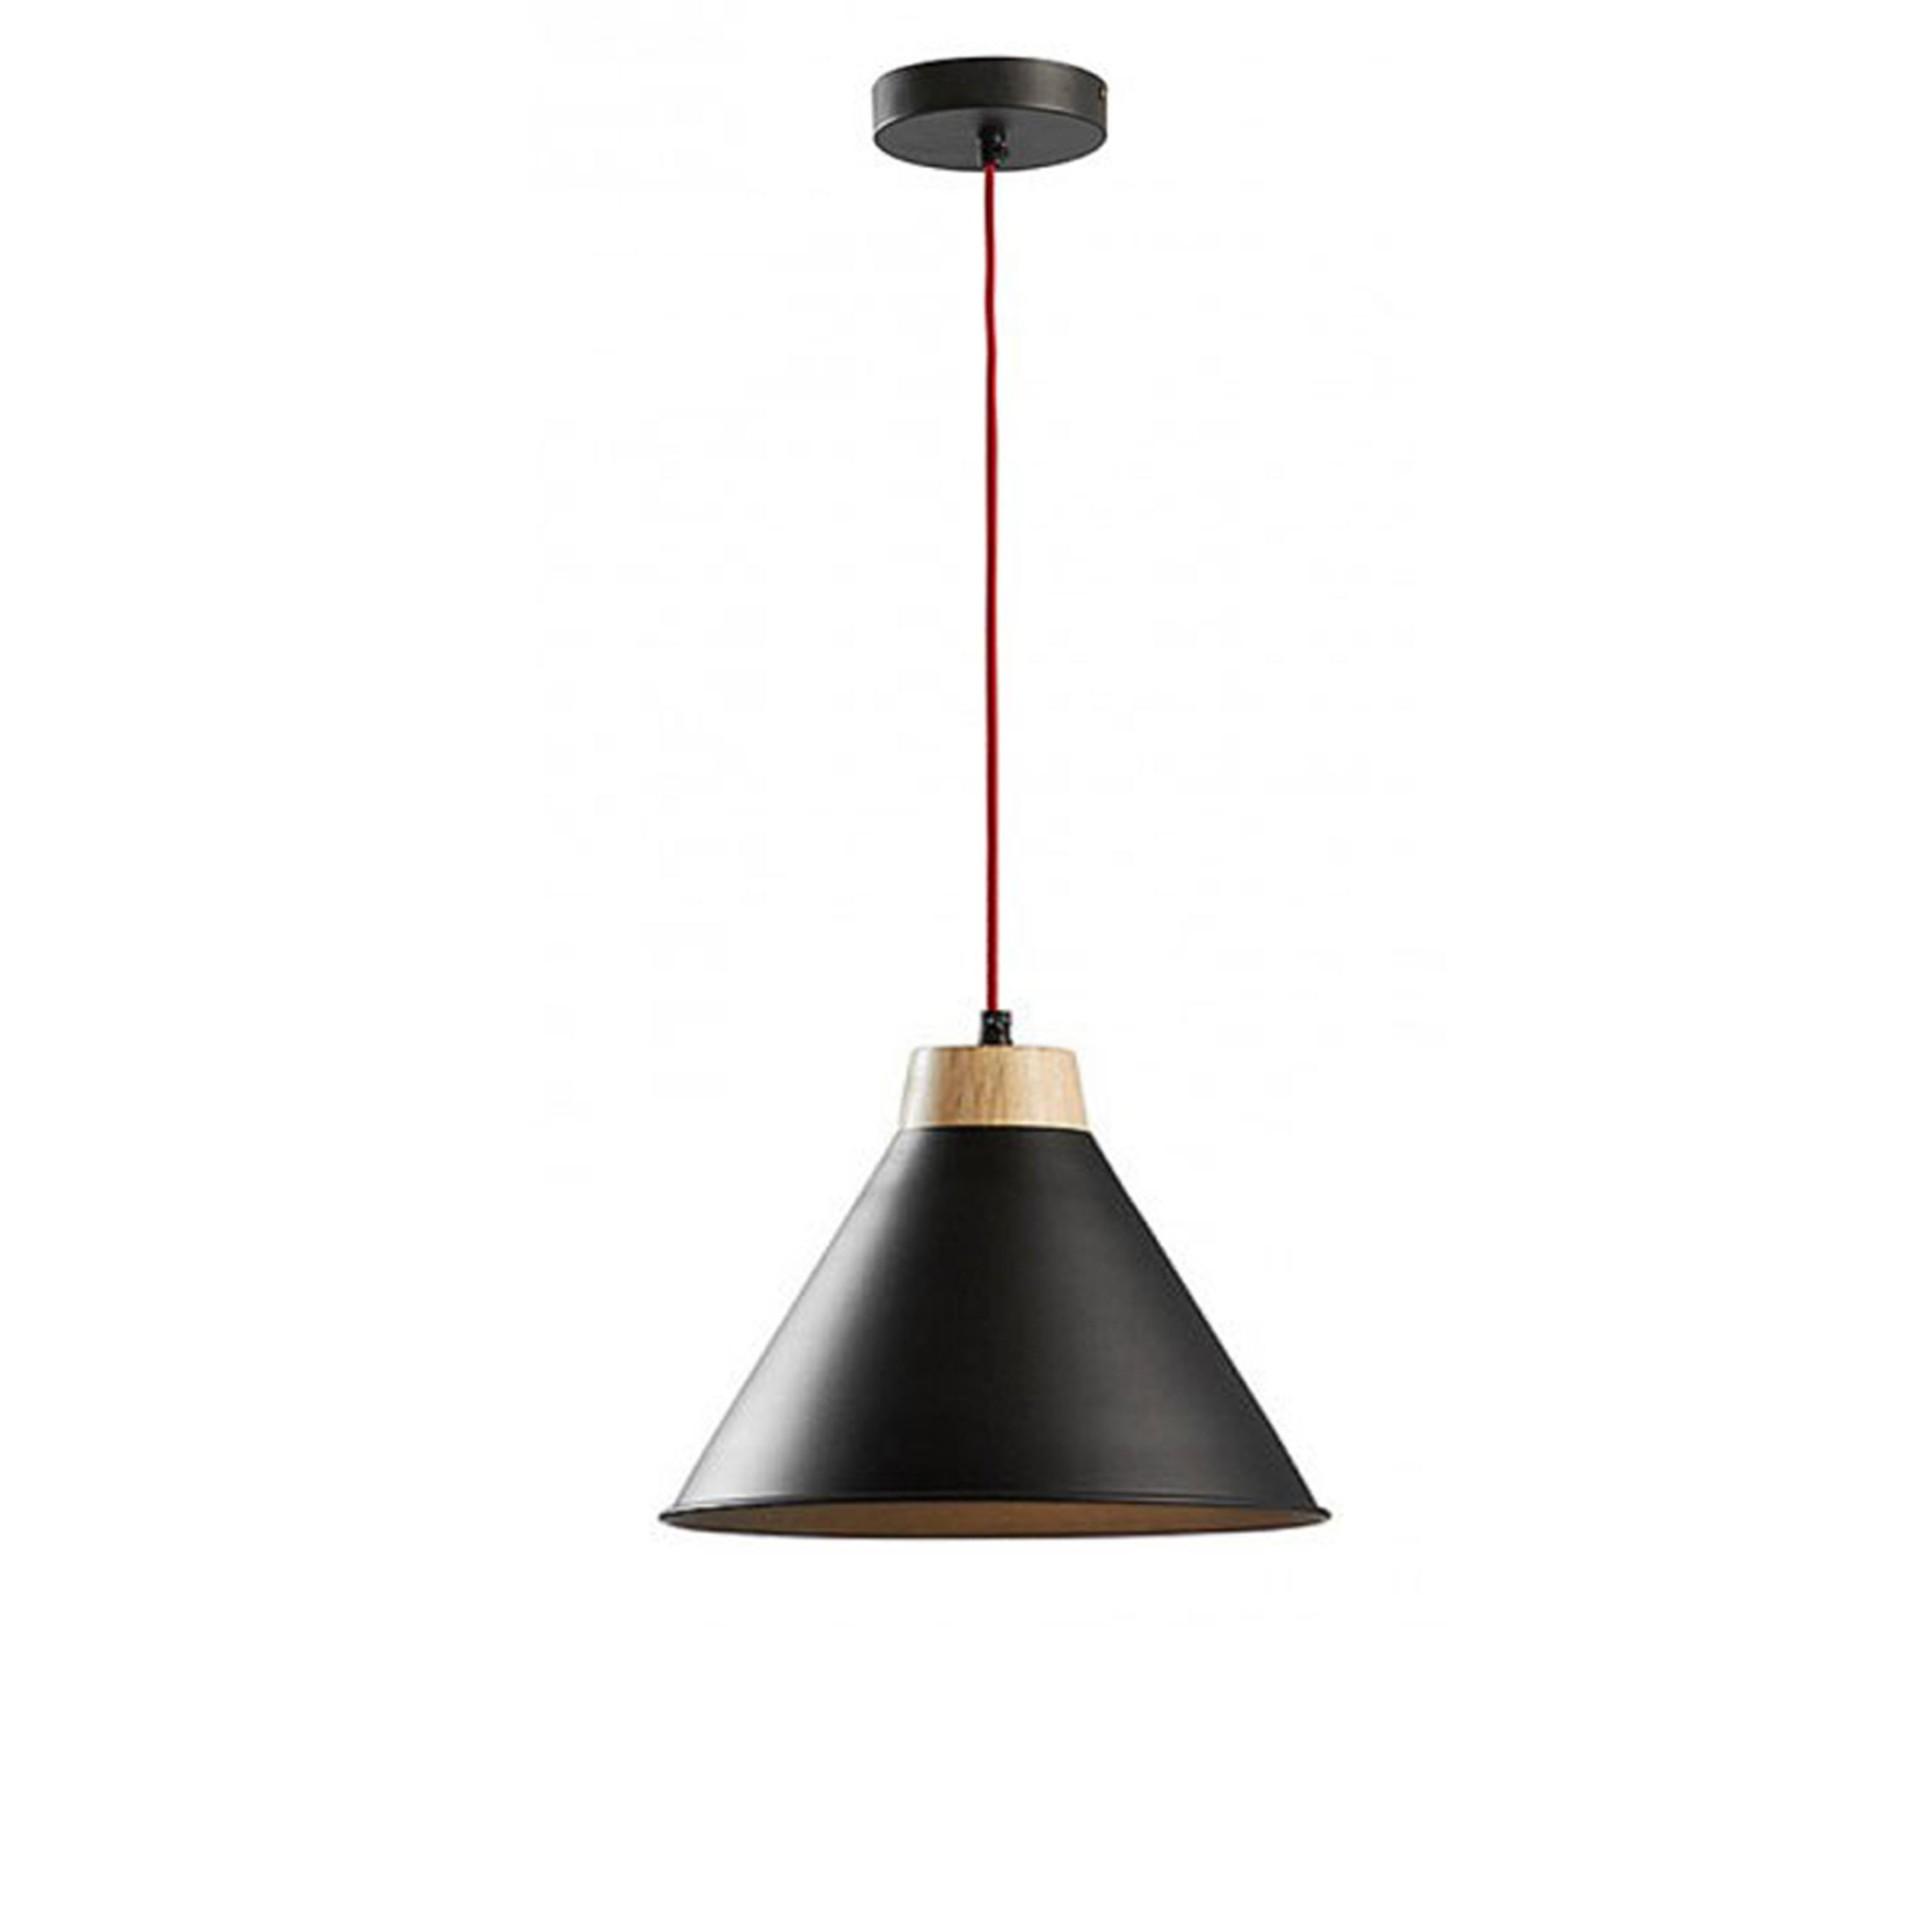 Candeeiro de tecto Bobs, metal, preto, Ø28X18 cm